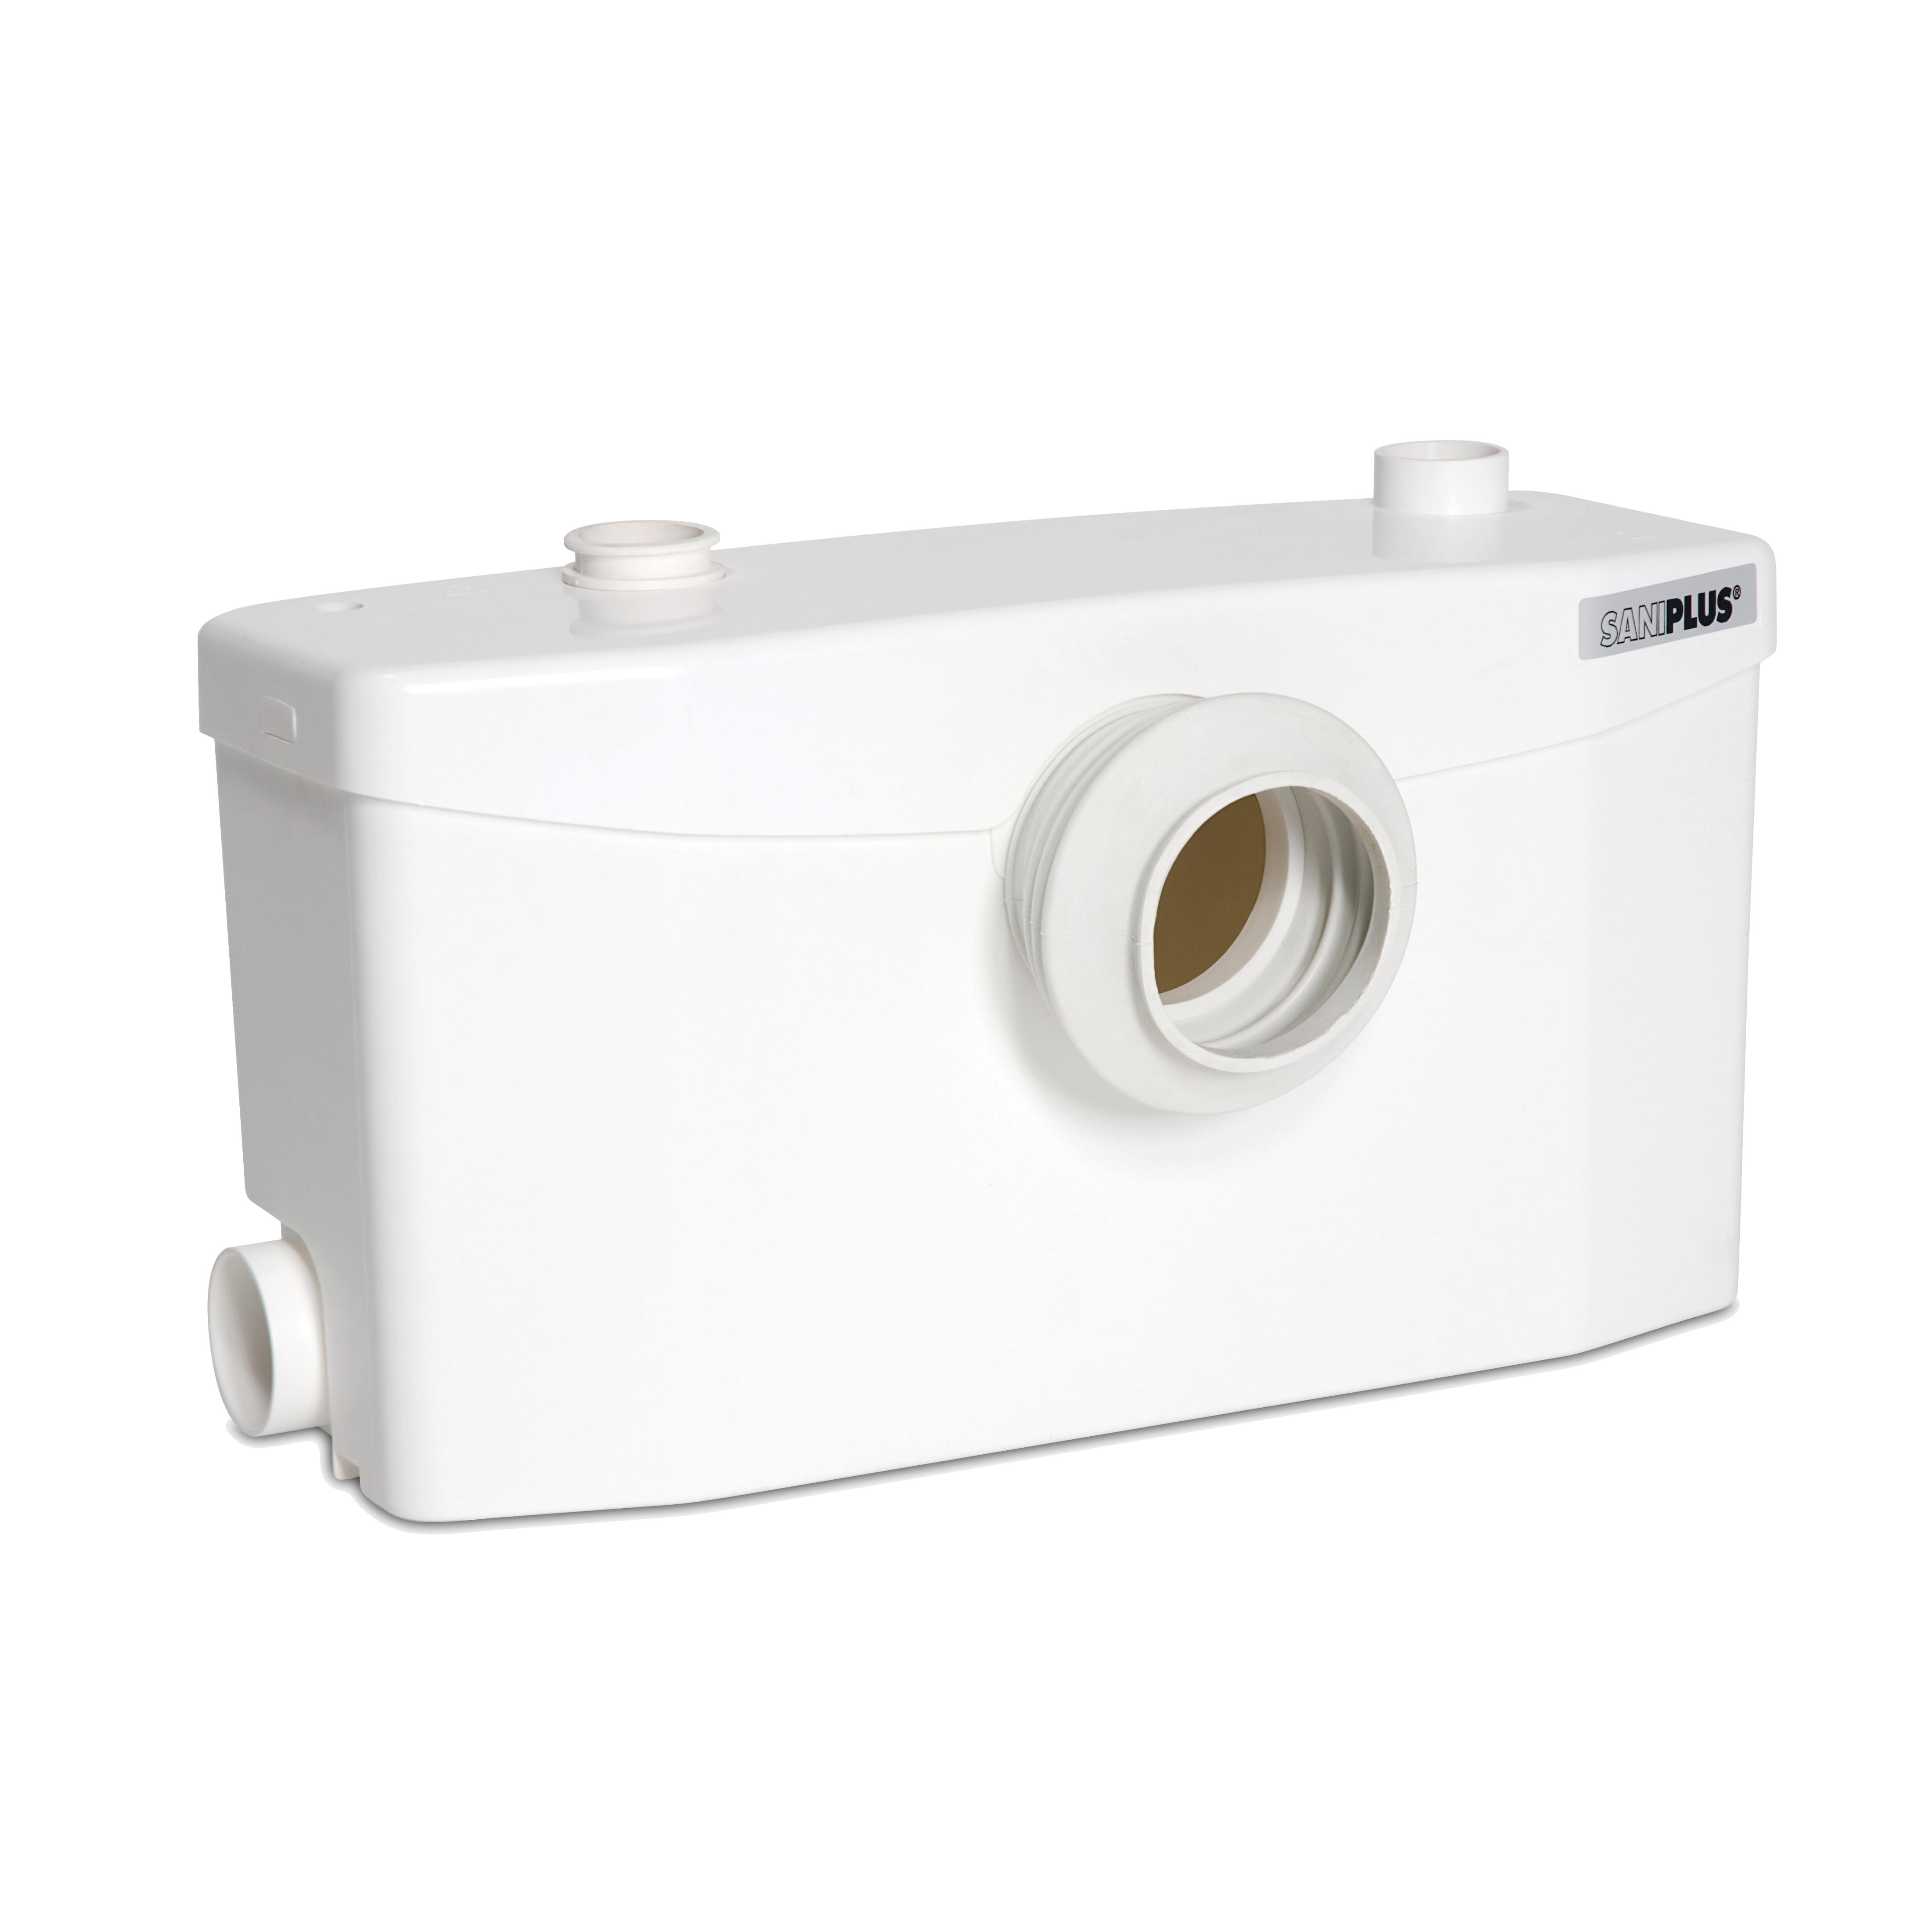 Saniflo® Saniplus® 002 Macerator Pump, 1.28 gpf Flow Rate, 2 in Inlet, 0.5 hp